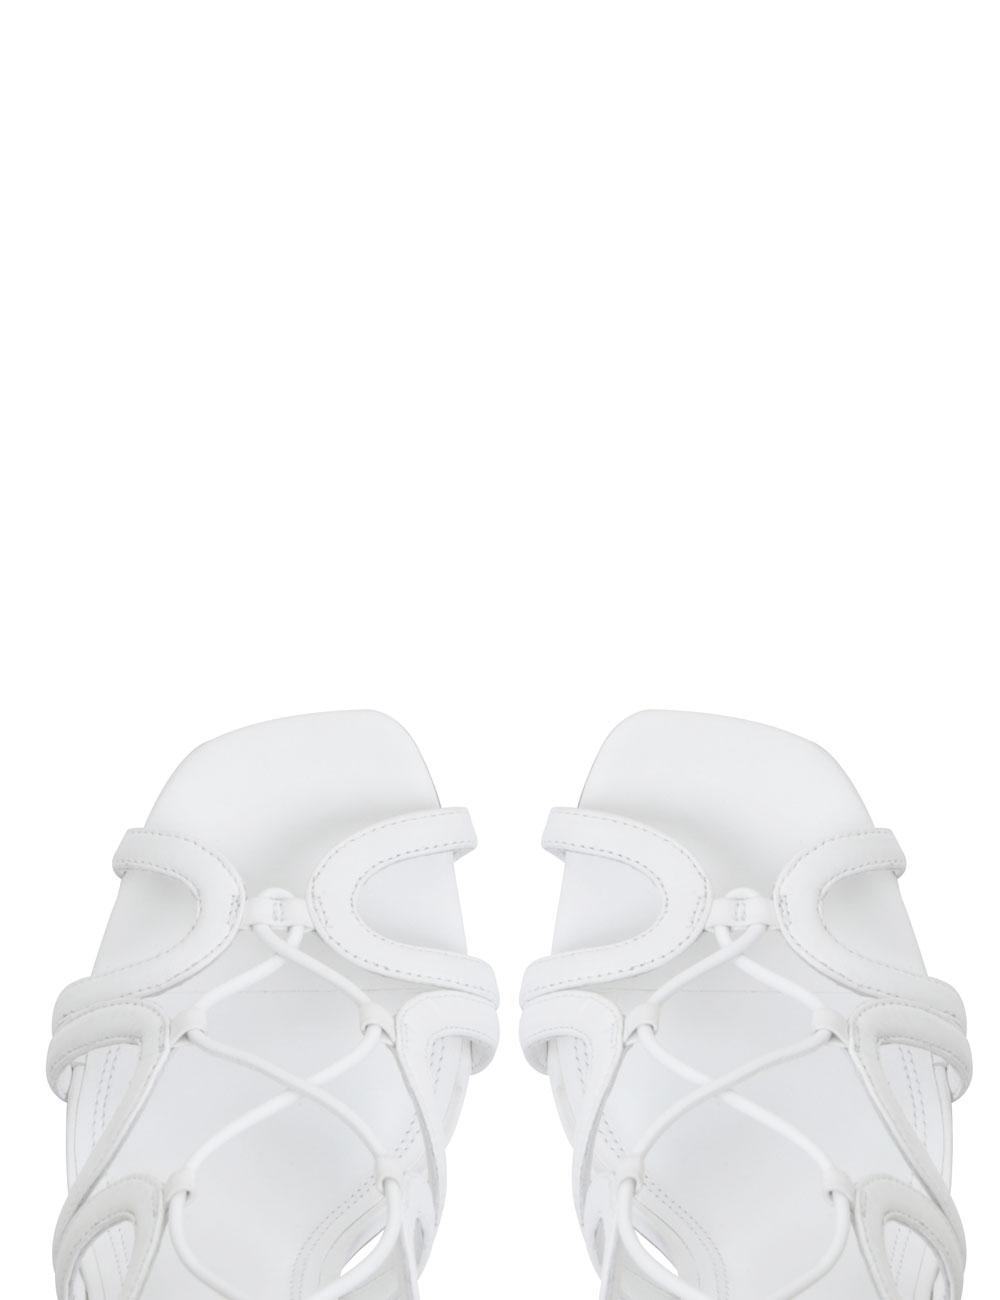 Scallop Heel